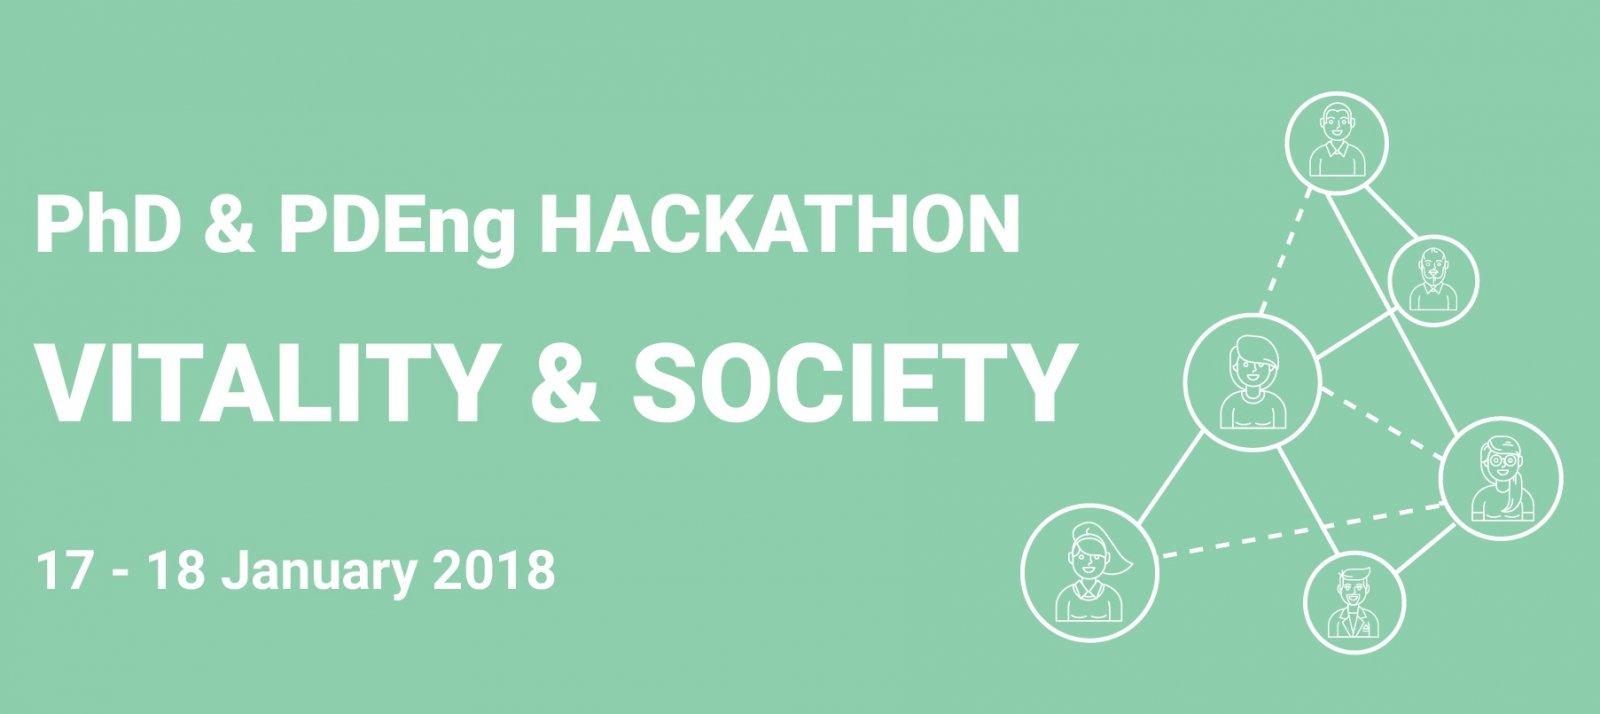 PhD and PDEng Hackathon